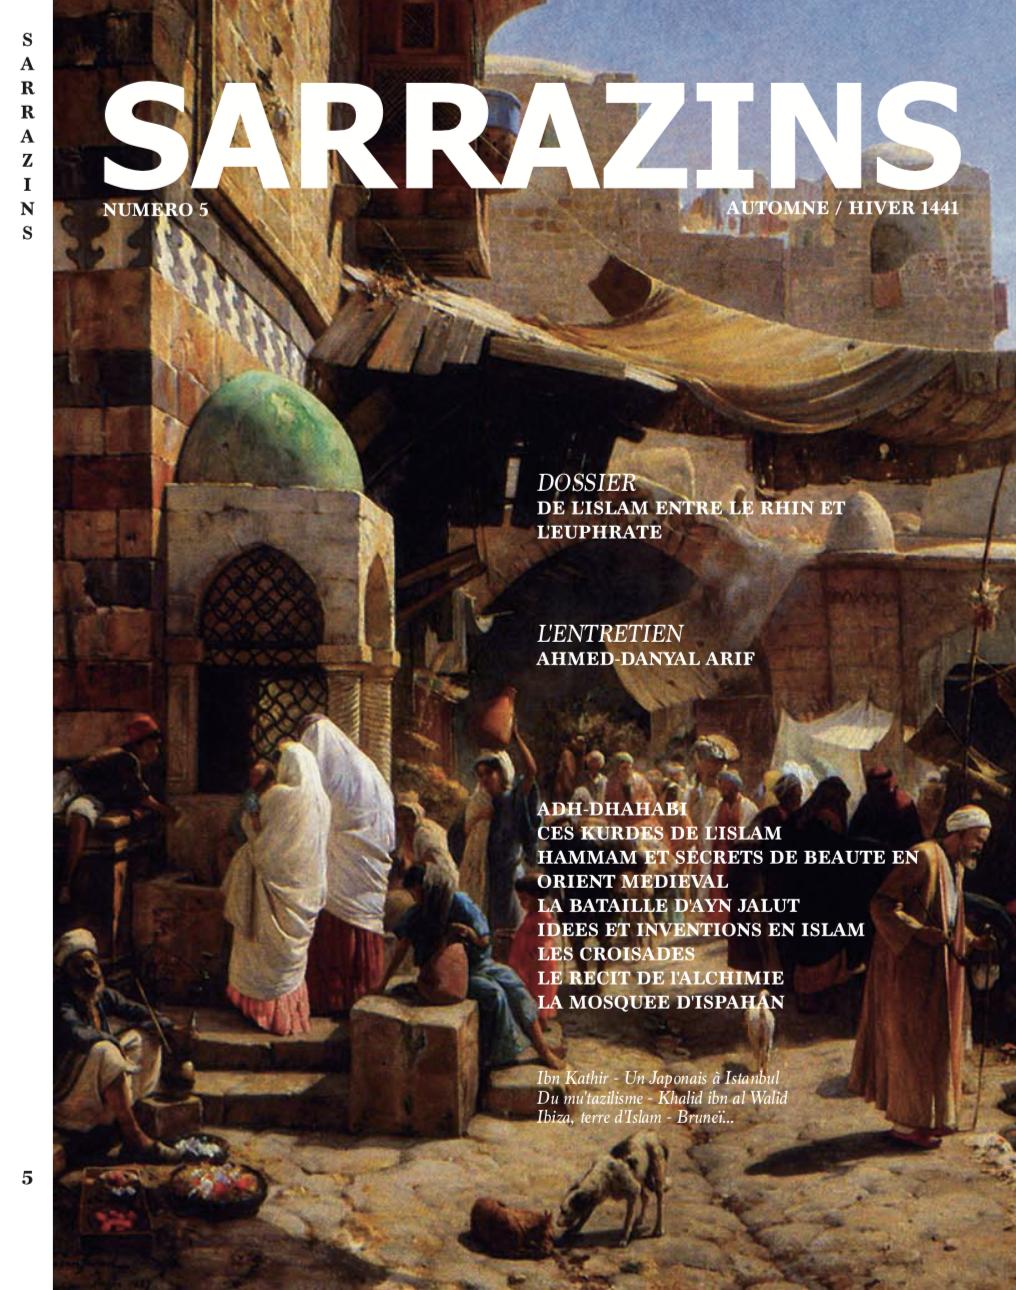 Sarrazins N°5, bientôt chez vous !